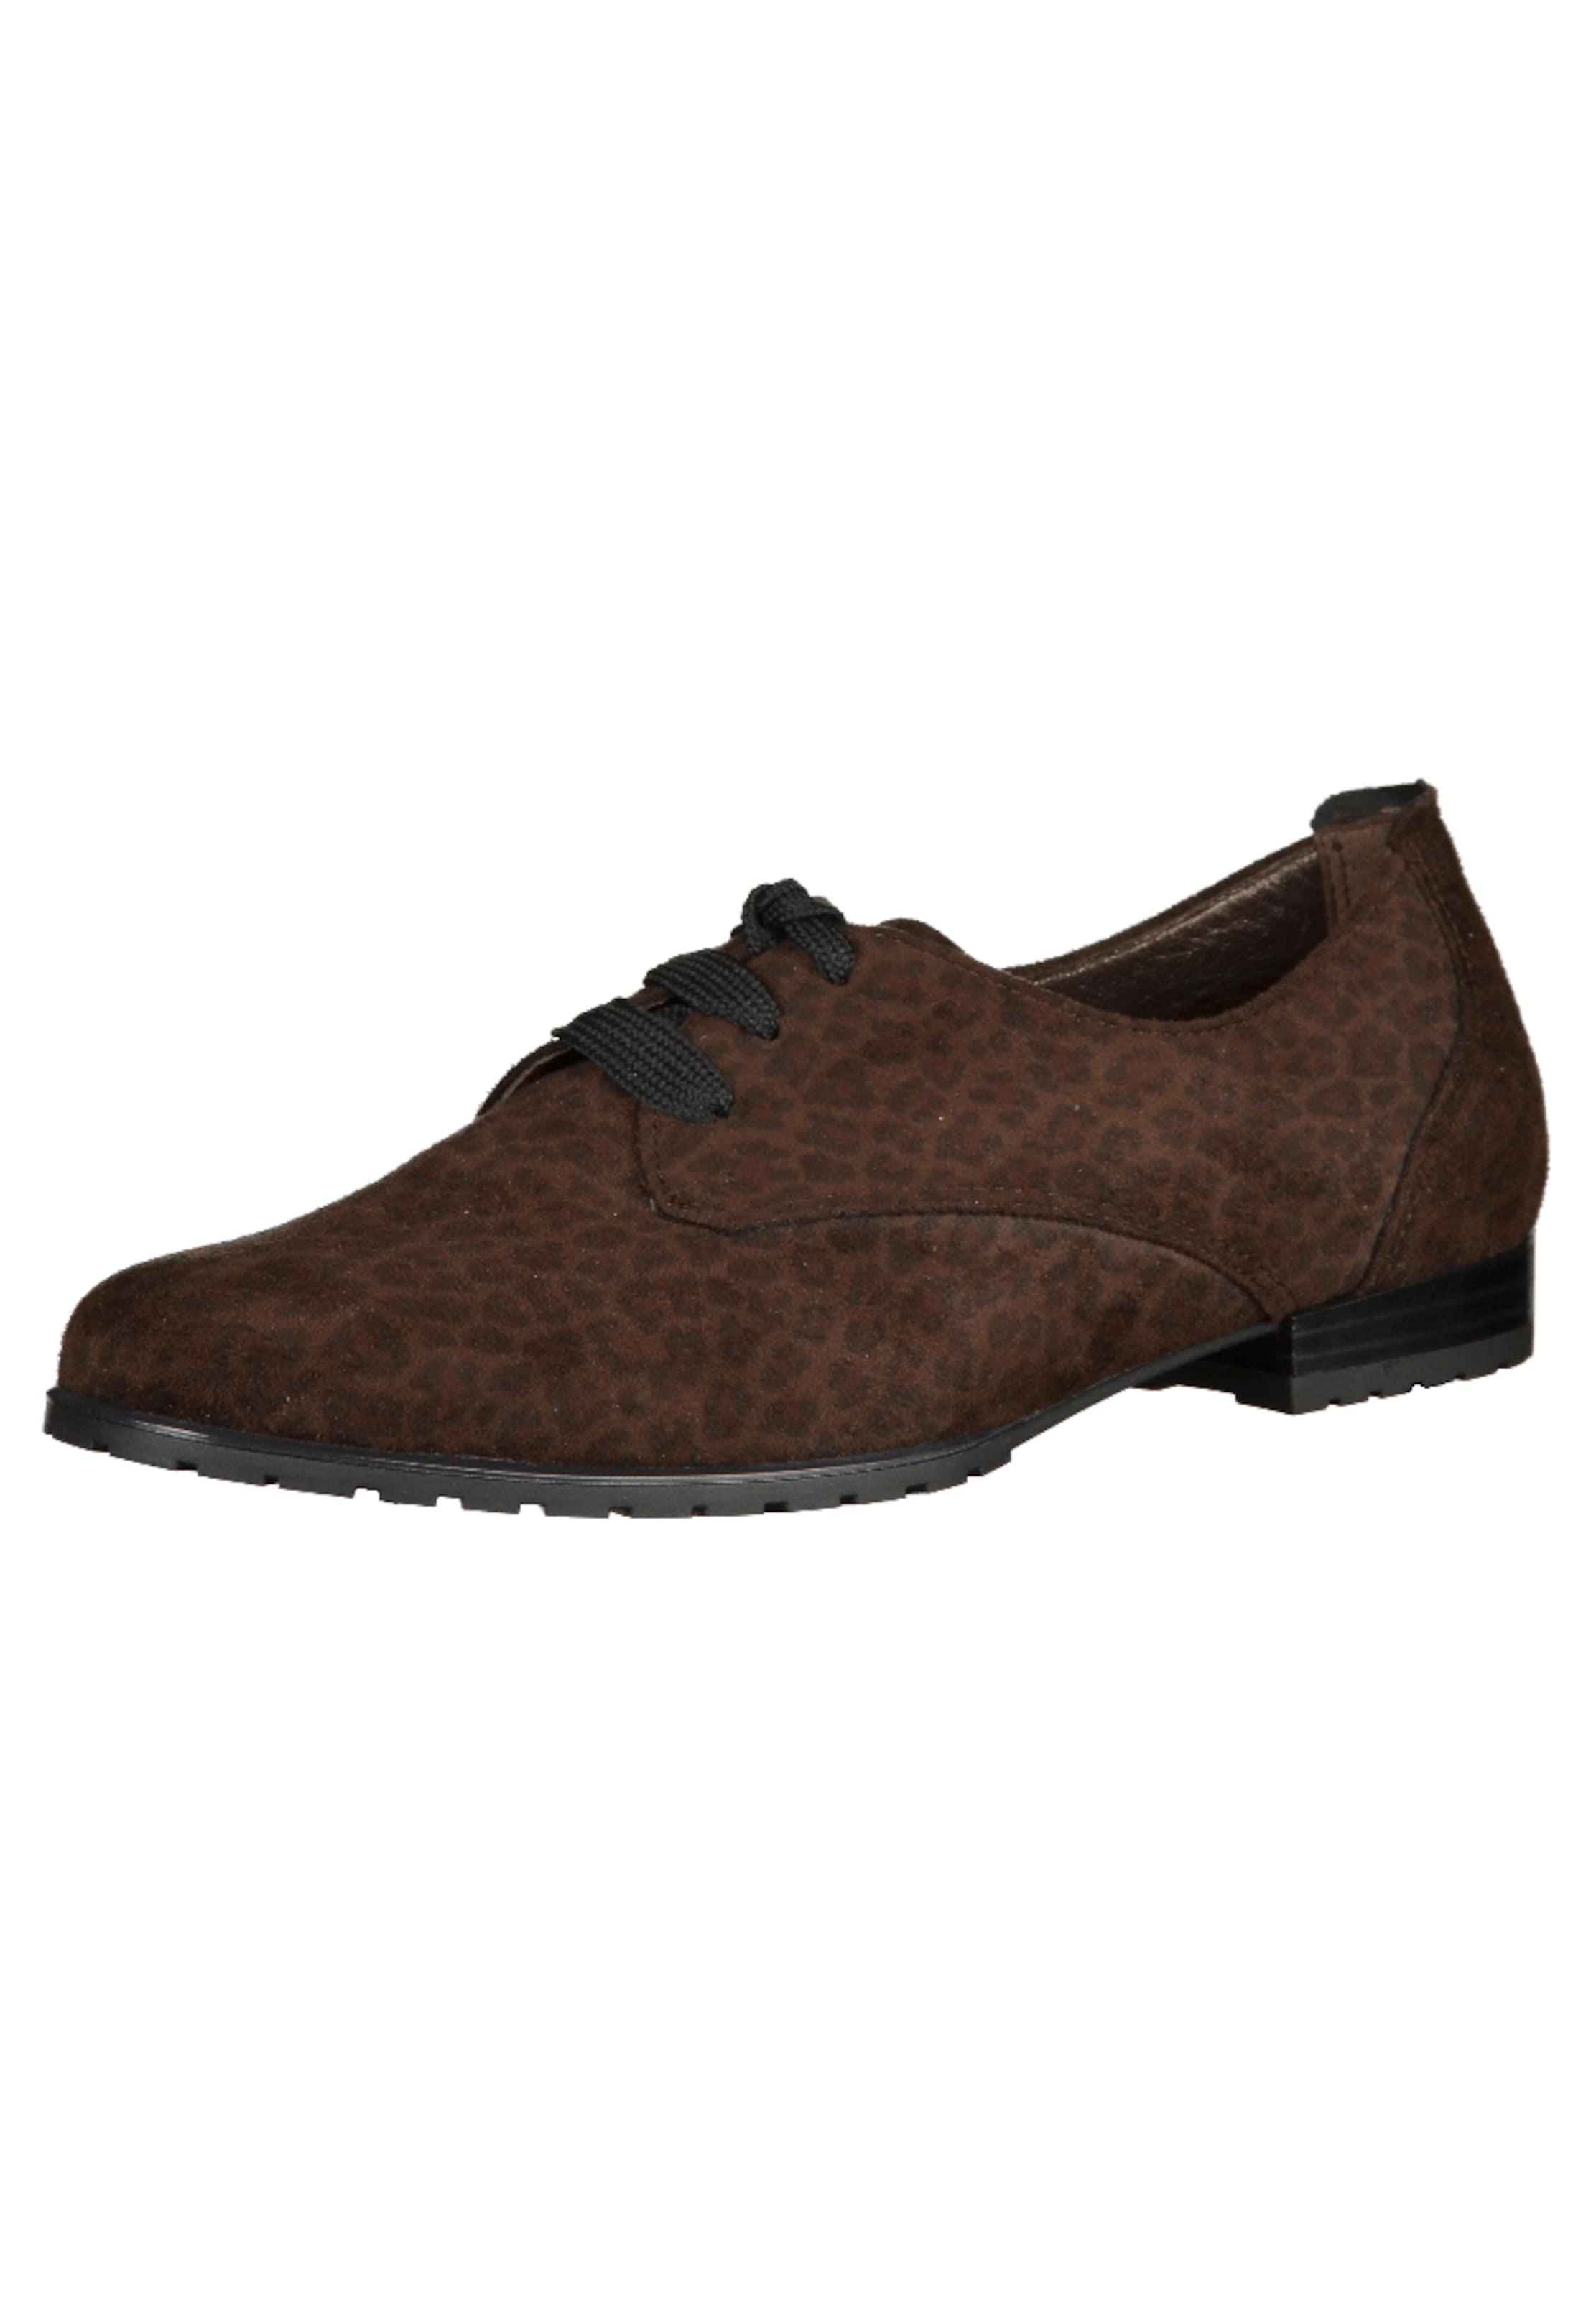 ARA Halbschuhe Günstige und langlebige Schuhe